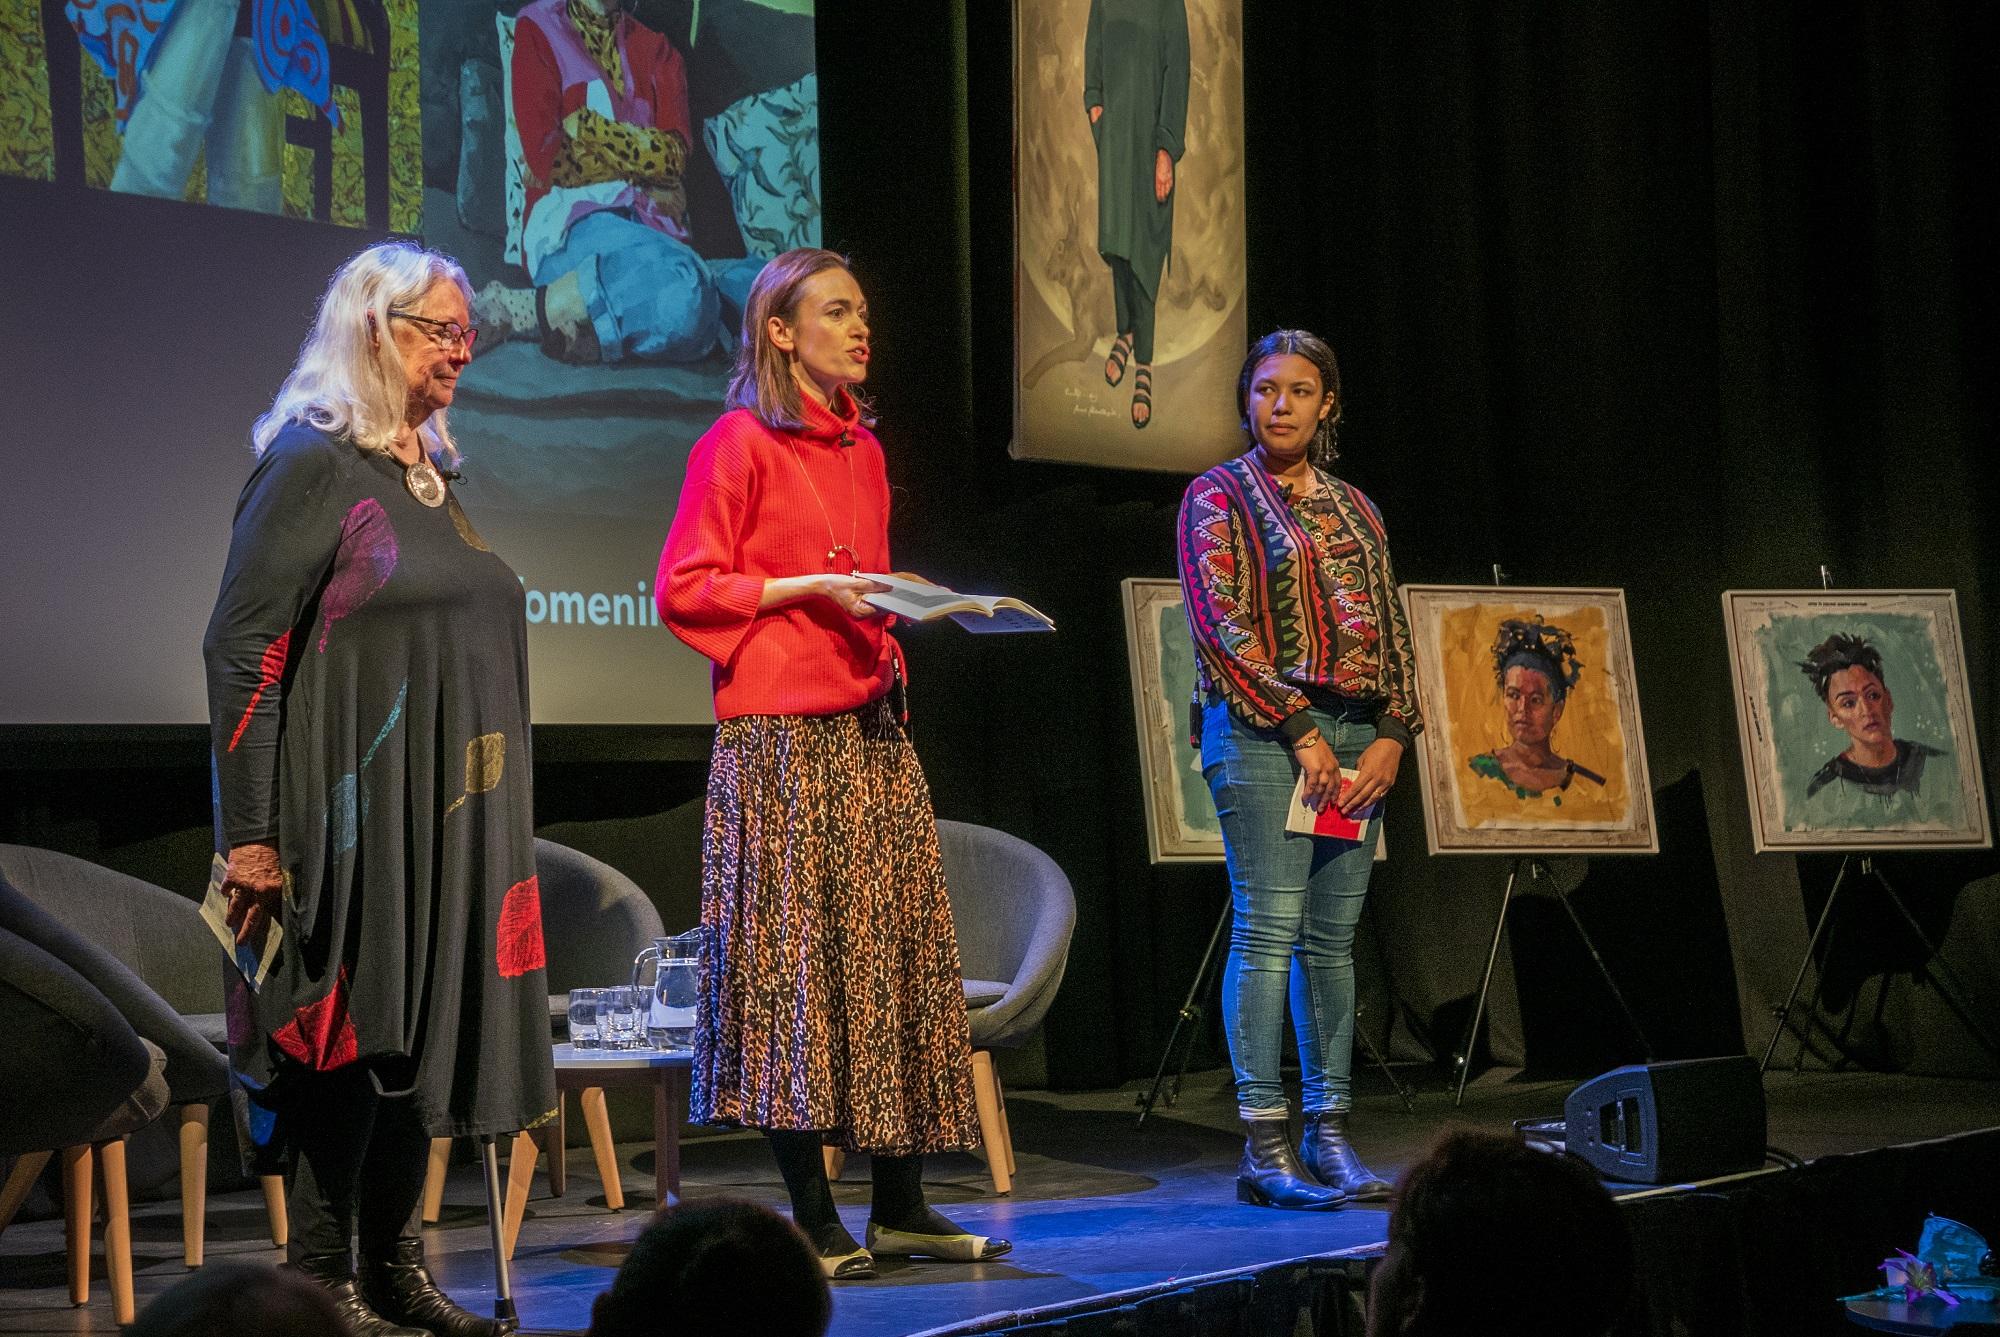 Clae Eastgate, Women in Frame, Kings Place, London, 6Nov2019, ©BronacMcNeill